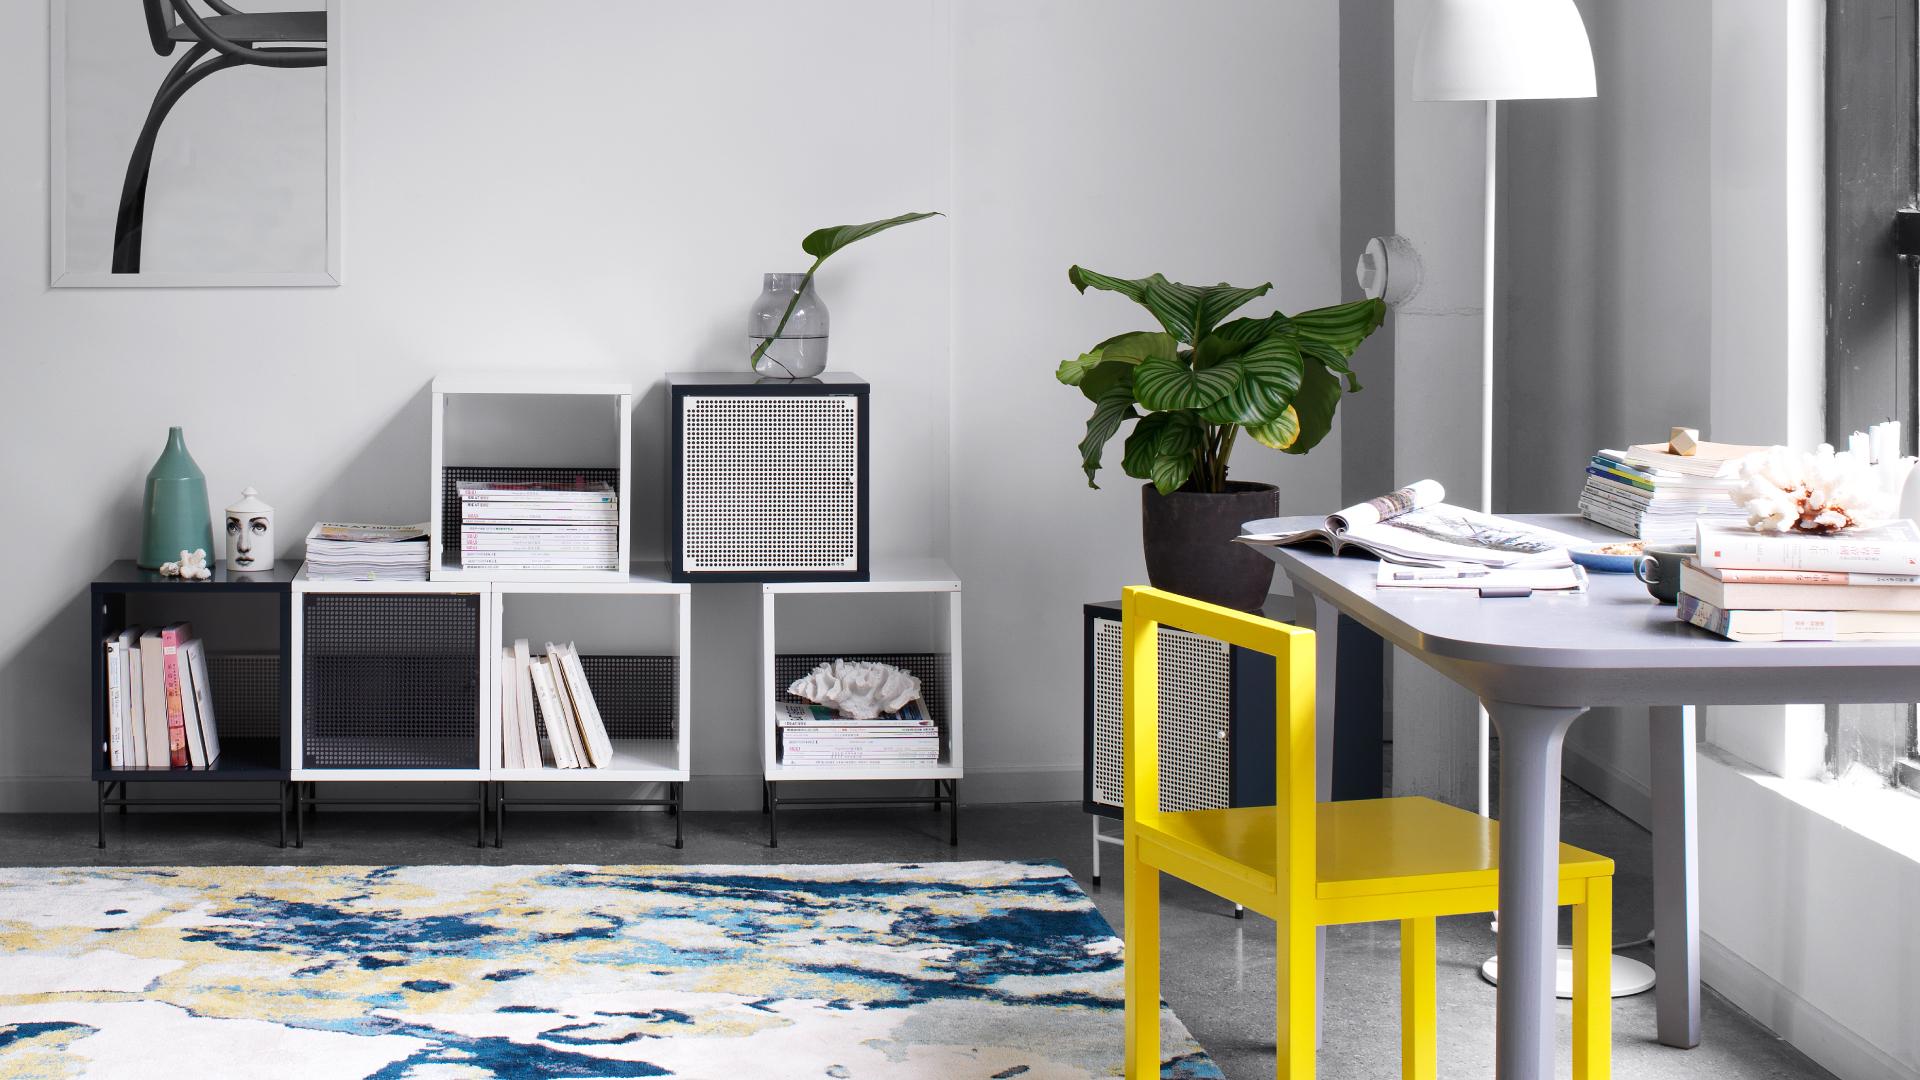 黑白灰的空间底色更能衬托出鲜艳活力的色彩,一把线条简洁的作业本椅子以明艳柠黄就可点亮紧绷、沉闷的SOHO空间,色调在一冷一暖之间,激发灵感思潮。?x-oss-process=image/format,jpg/interlace,1